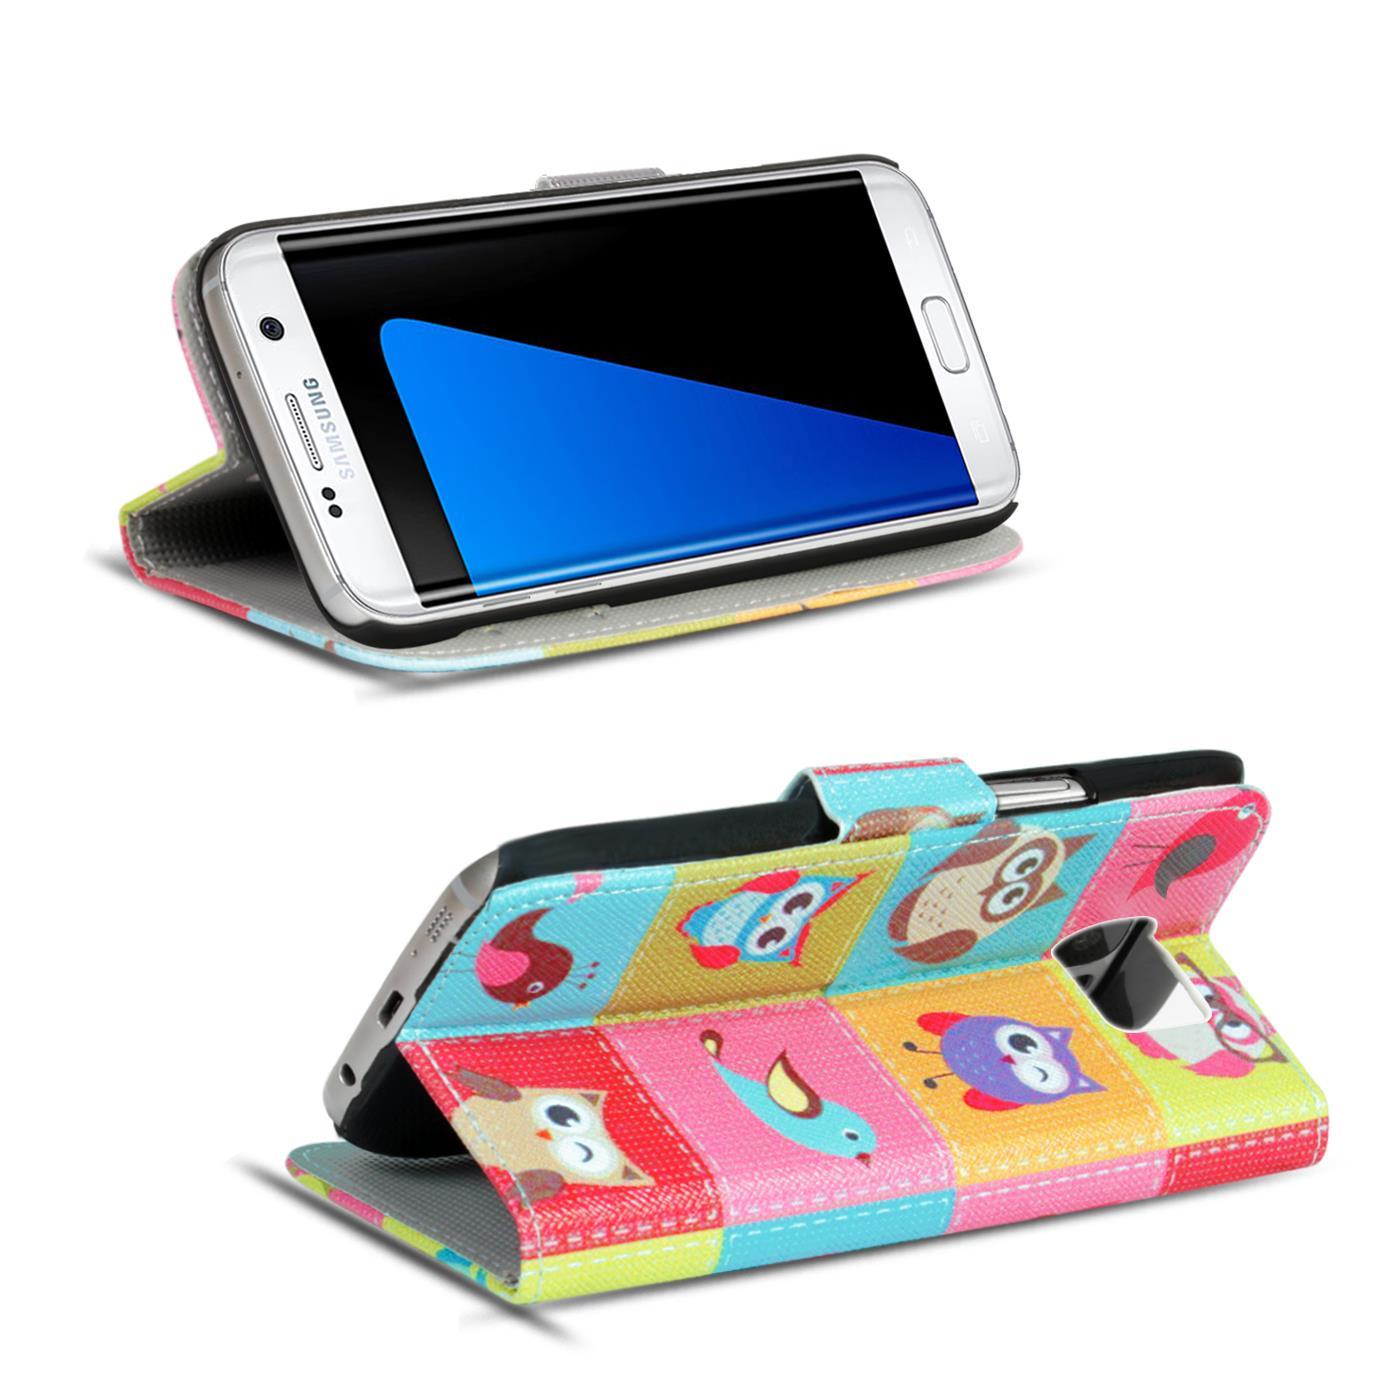 Schutz-Huelle-fuer-Samsung-Galaxy-Handy-Tasche-Flip-Cover-Wallet-Etui-Case-Schale Indexbild 43